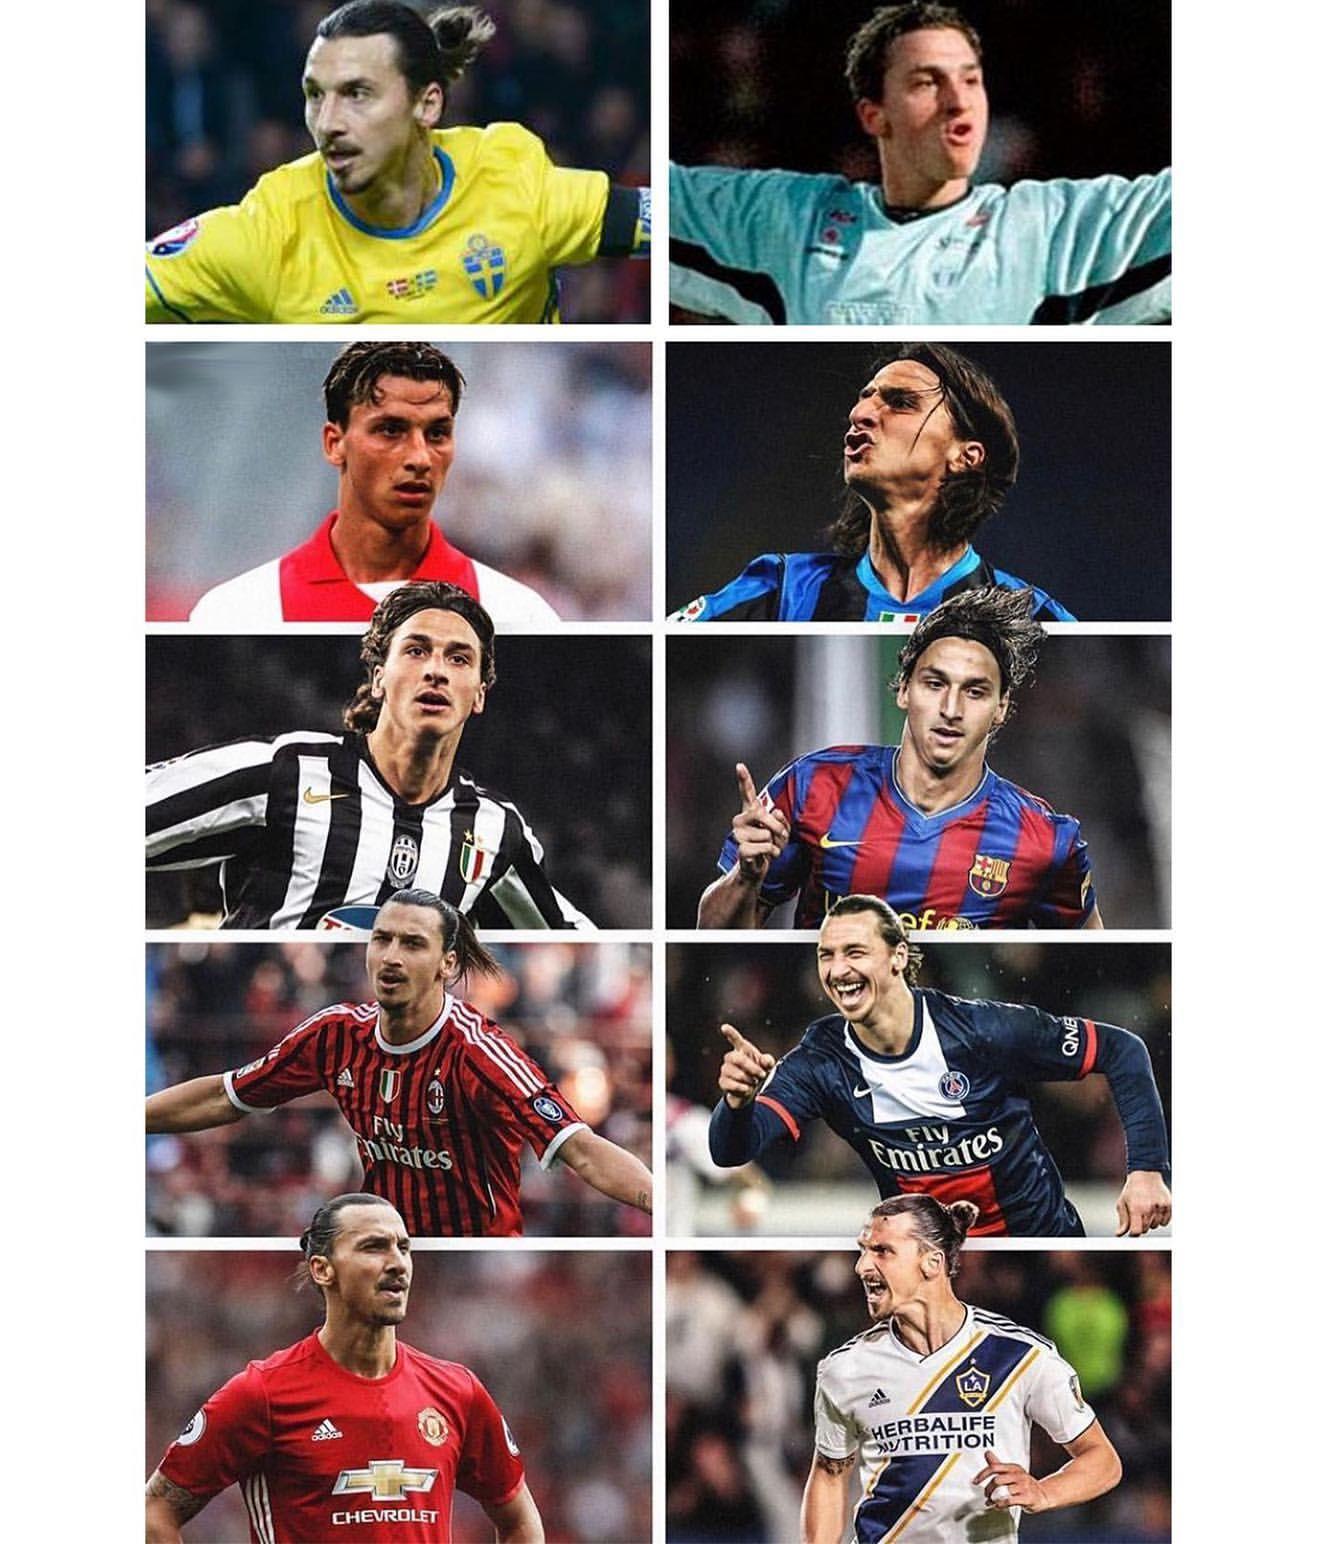 Fotos mais recentes de Zlatan Ibrahimović no Baixar Vídeos